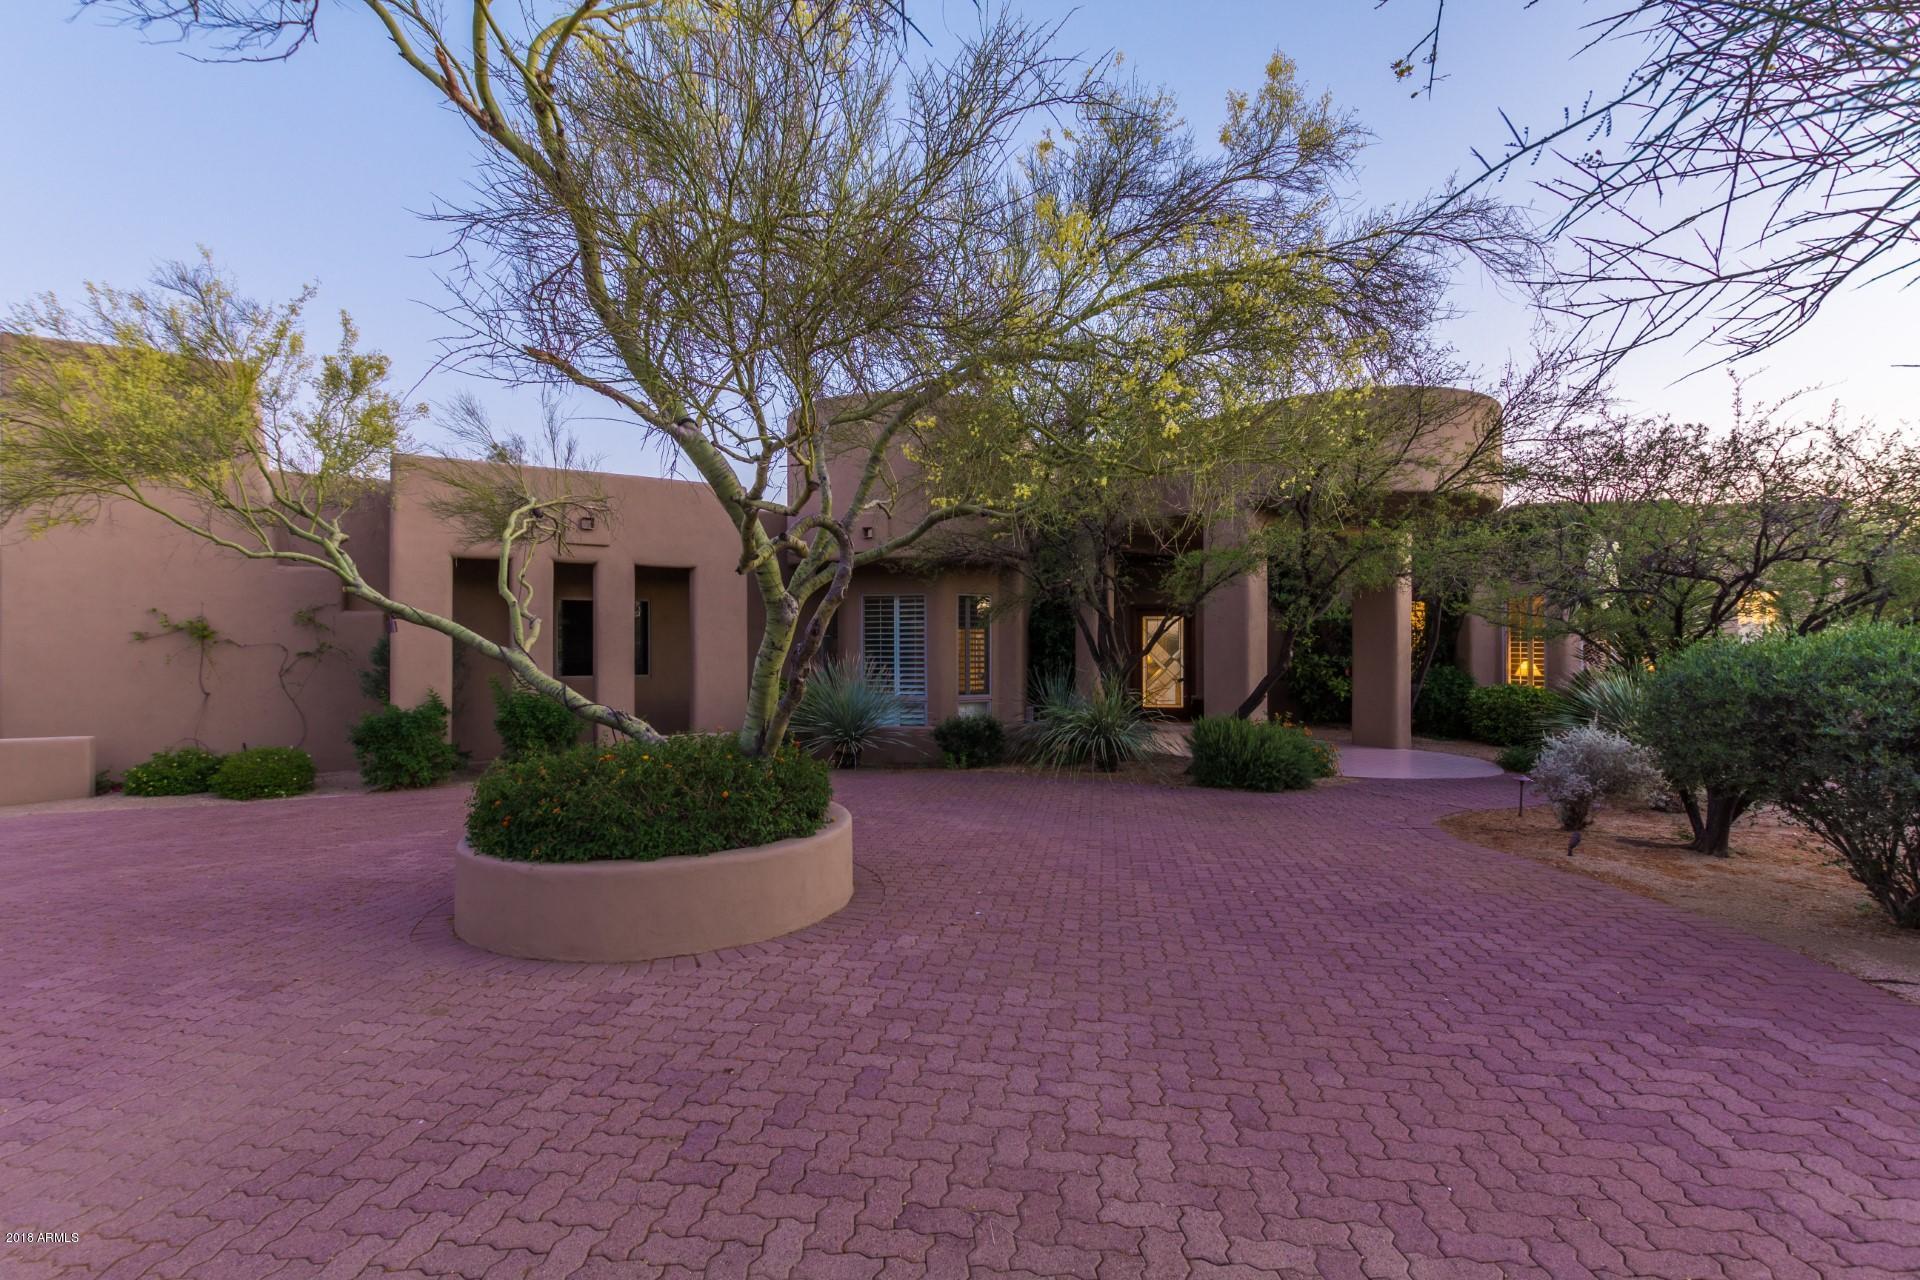 MLS 5761448 10040 E HAPPY VALLEY Road Unit 330, Scottsdale, AZ 85255 Scottsdale AZ Desert Highlands